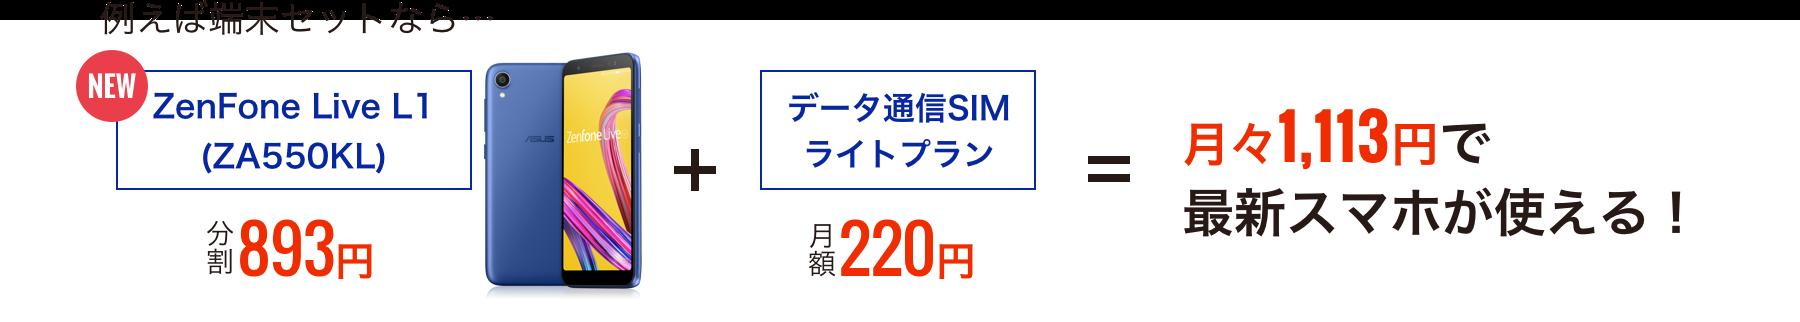 例えば端末セットなら…「ZenFone Live L1(ZA550KL) 分割893円」+「データ通信SIMライトプラン 月額220円」=月々1,113円で最新スマホが使える!